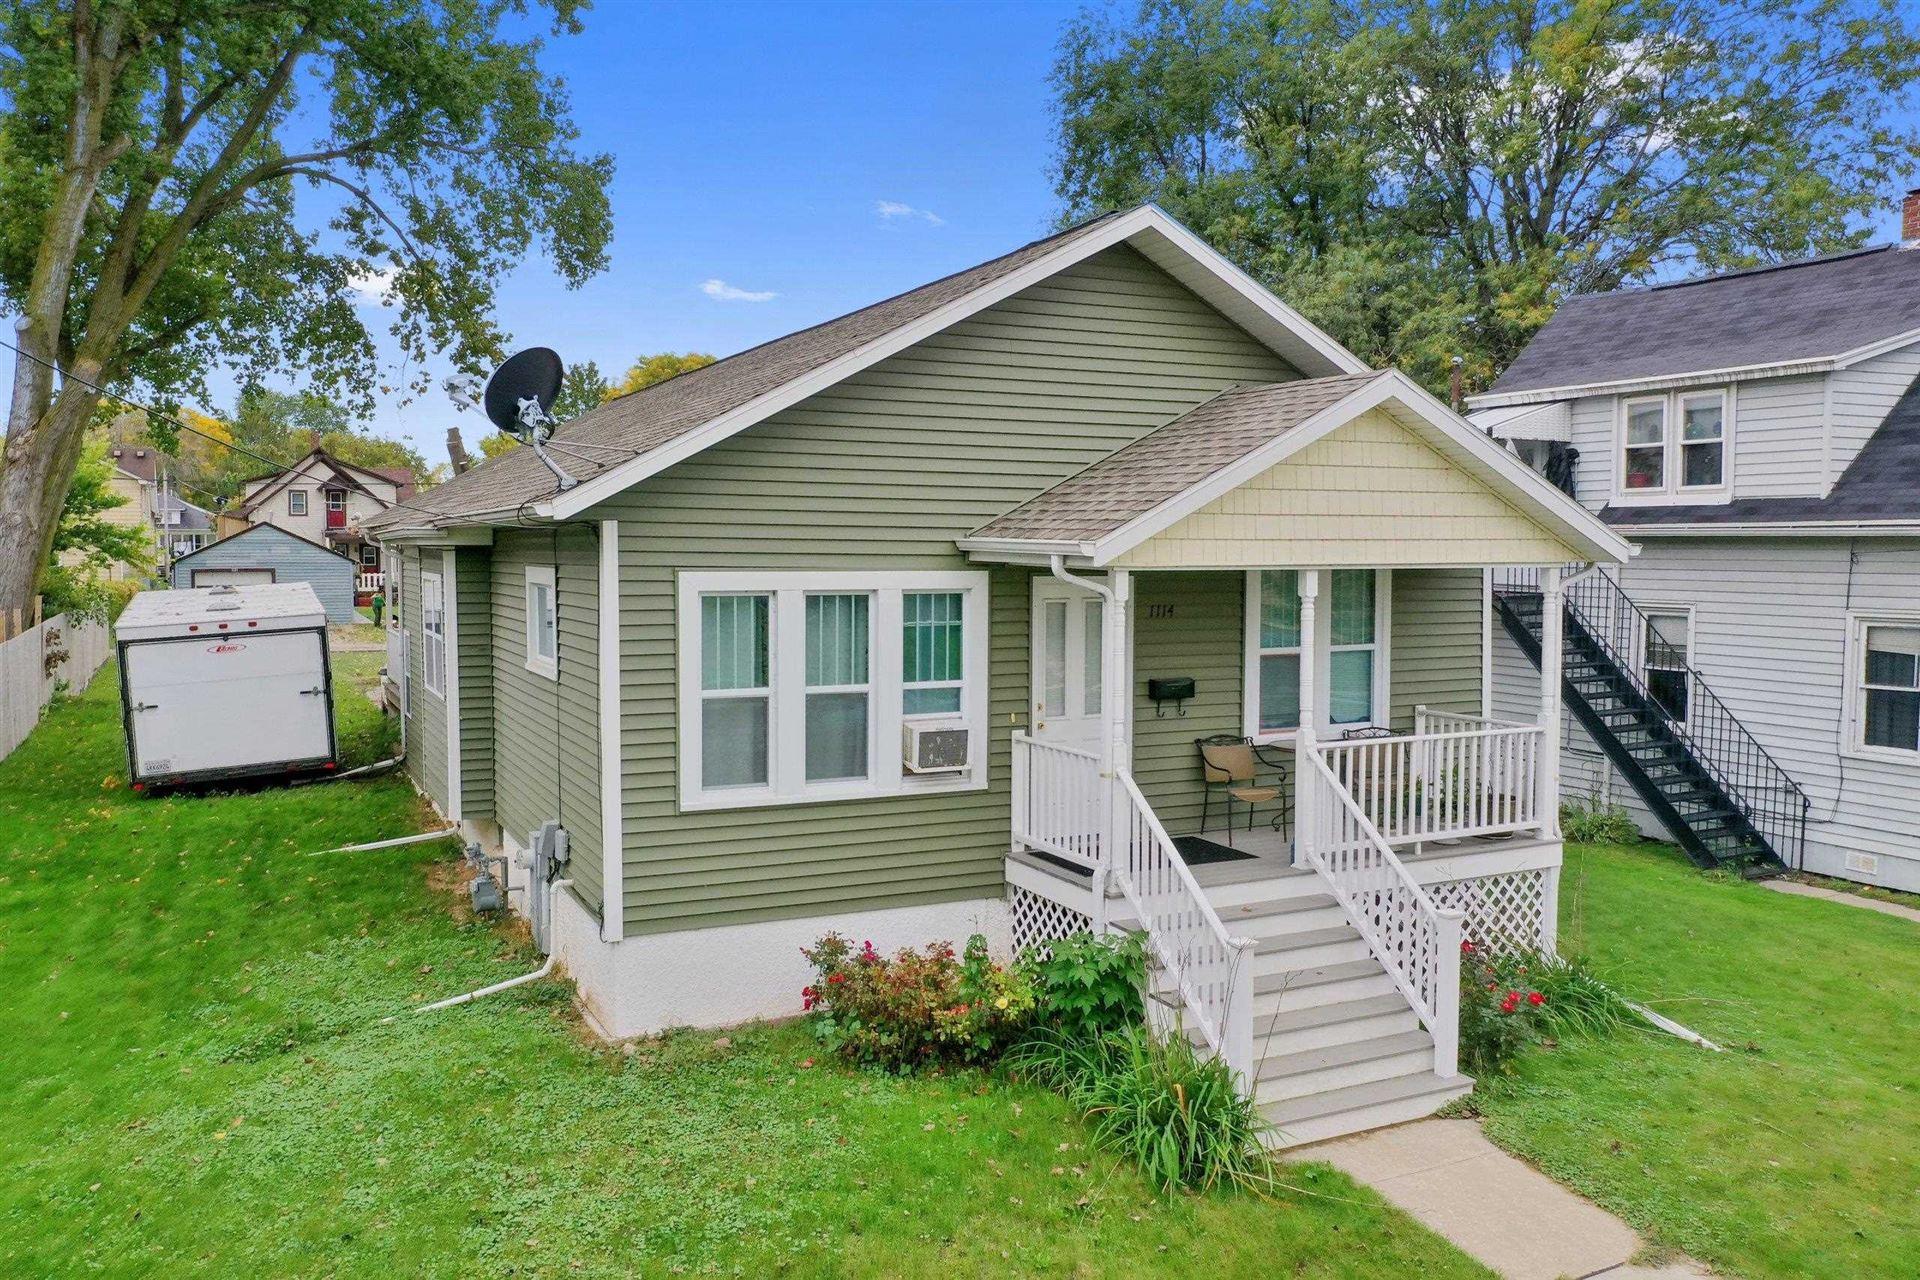 1114 DAY Street, Green Bay, WI 54302 - MLS#: 50249103